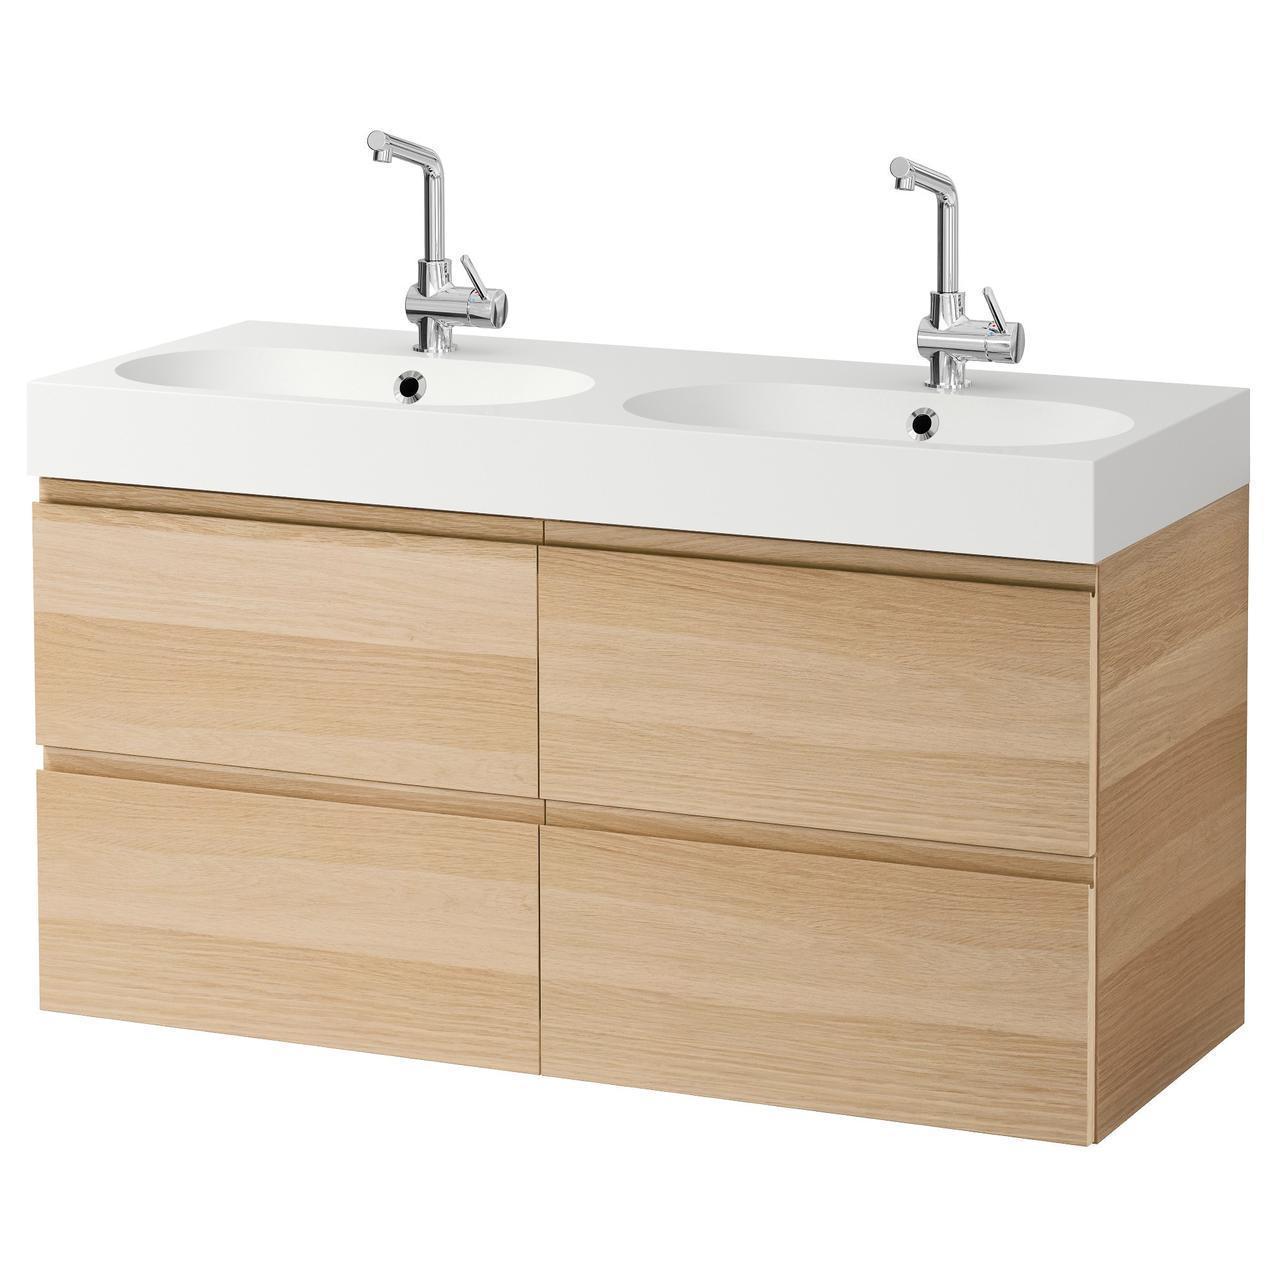 IKEA GODMORGON/BRAVIKEN Шкаф под умывальник с раковиной, Дуб беленый  (991.865.32)